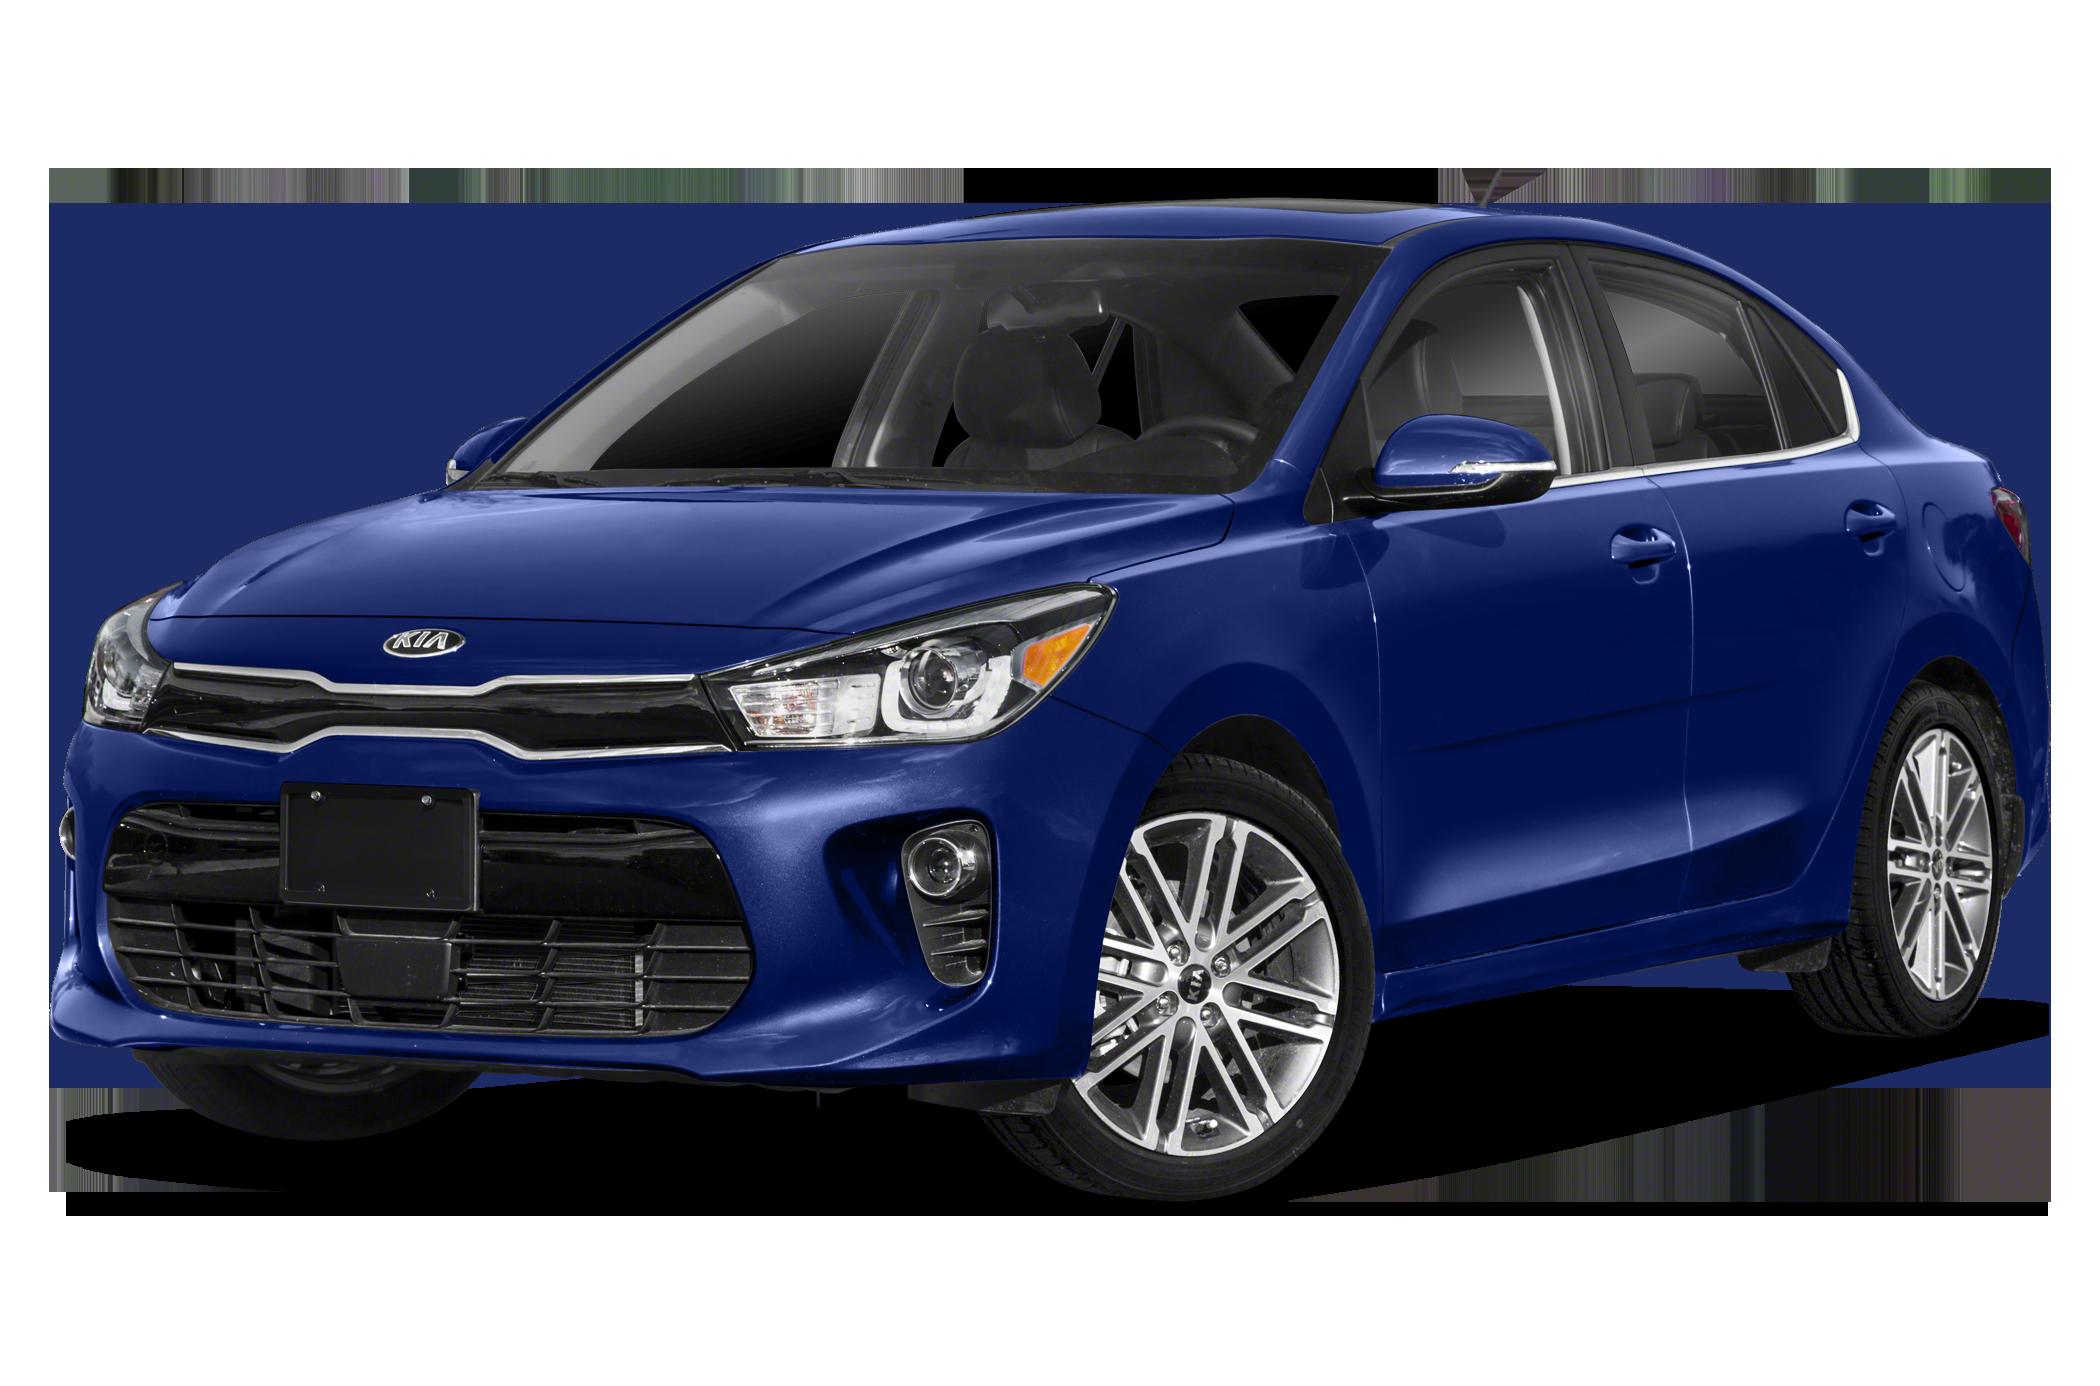 Compare Kia/Rio to Hyundai/Accent